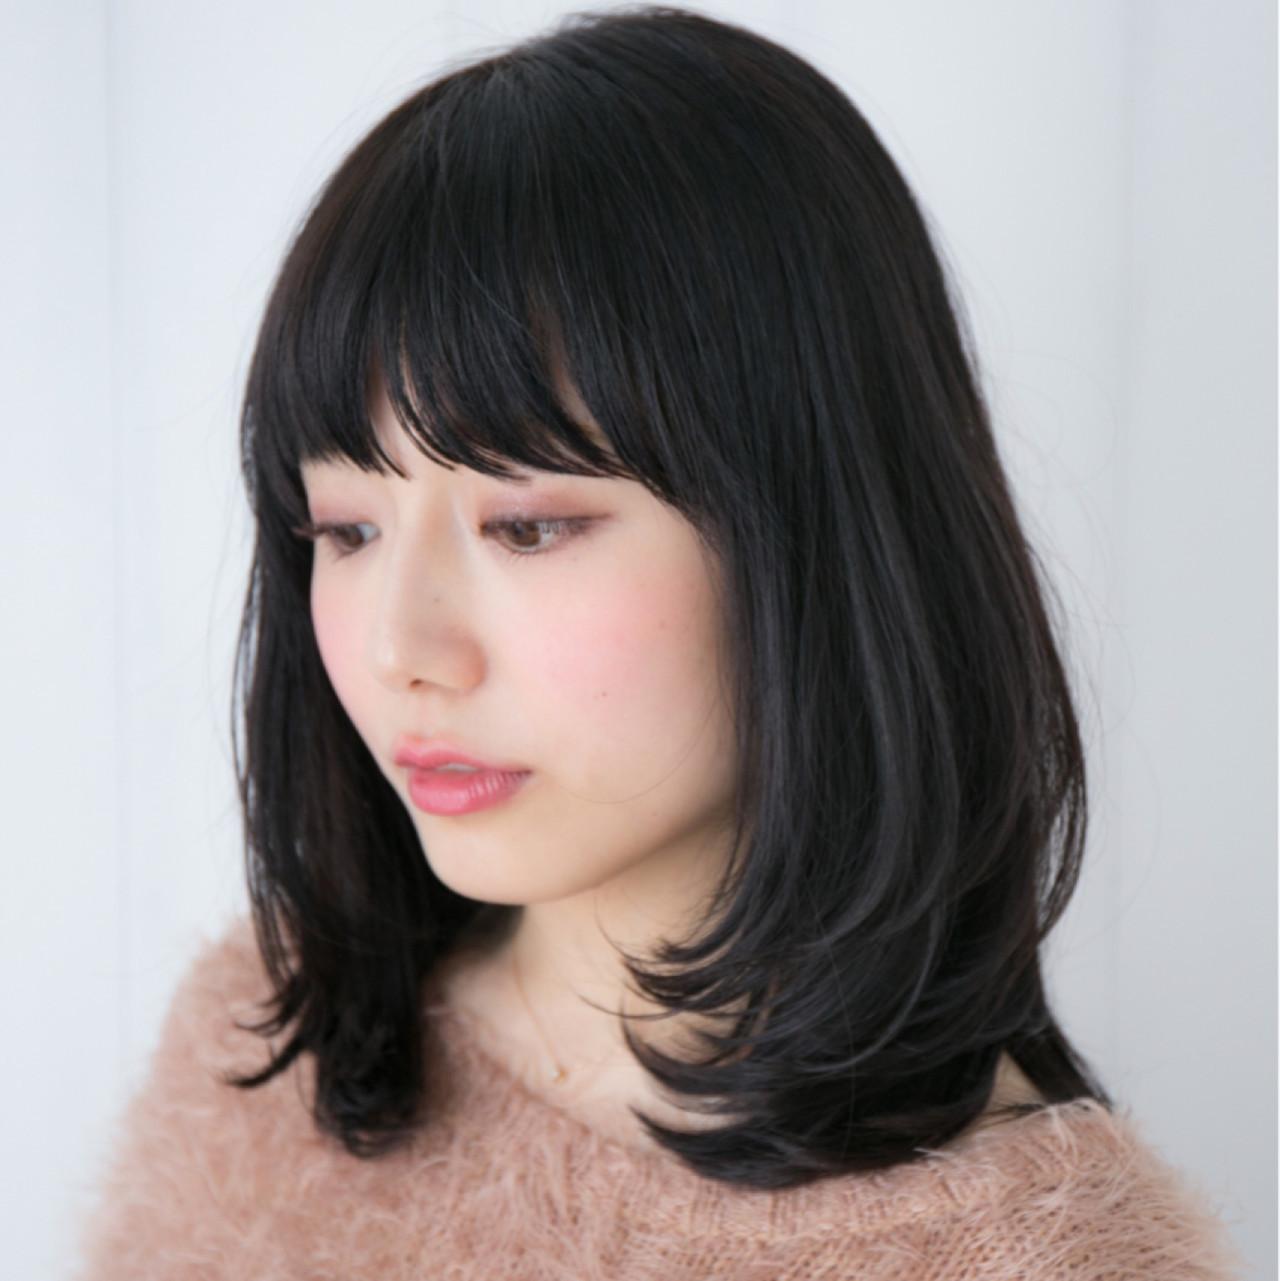 長持ち!デジタルパーマのワンカールボブ 東 純平 | Ramie omotesando